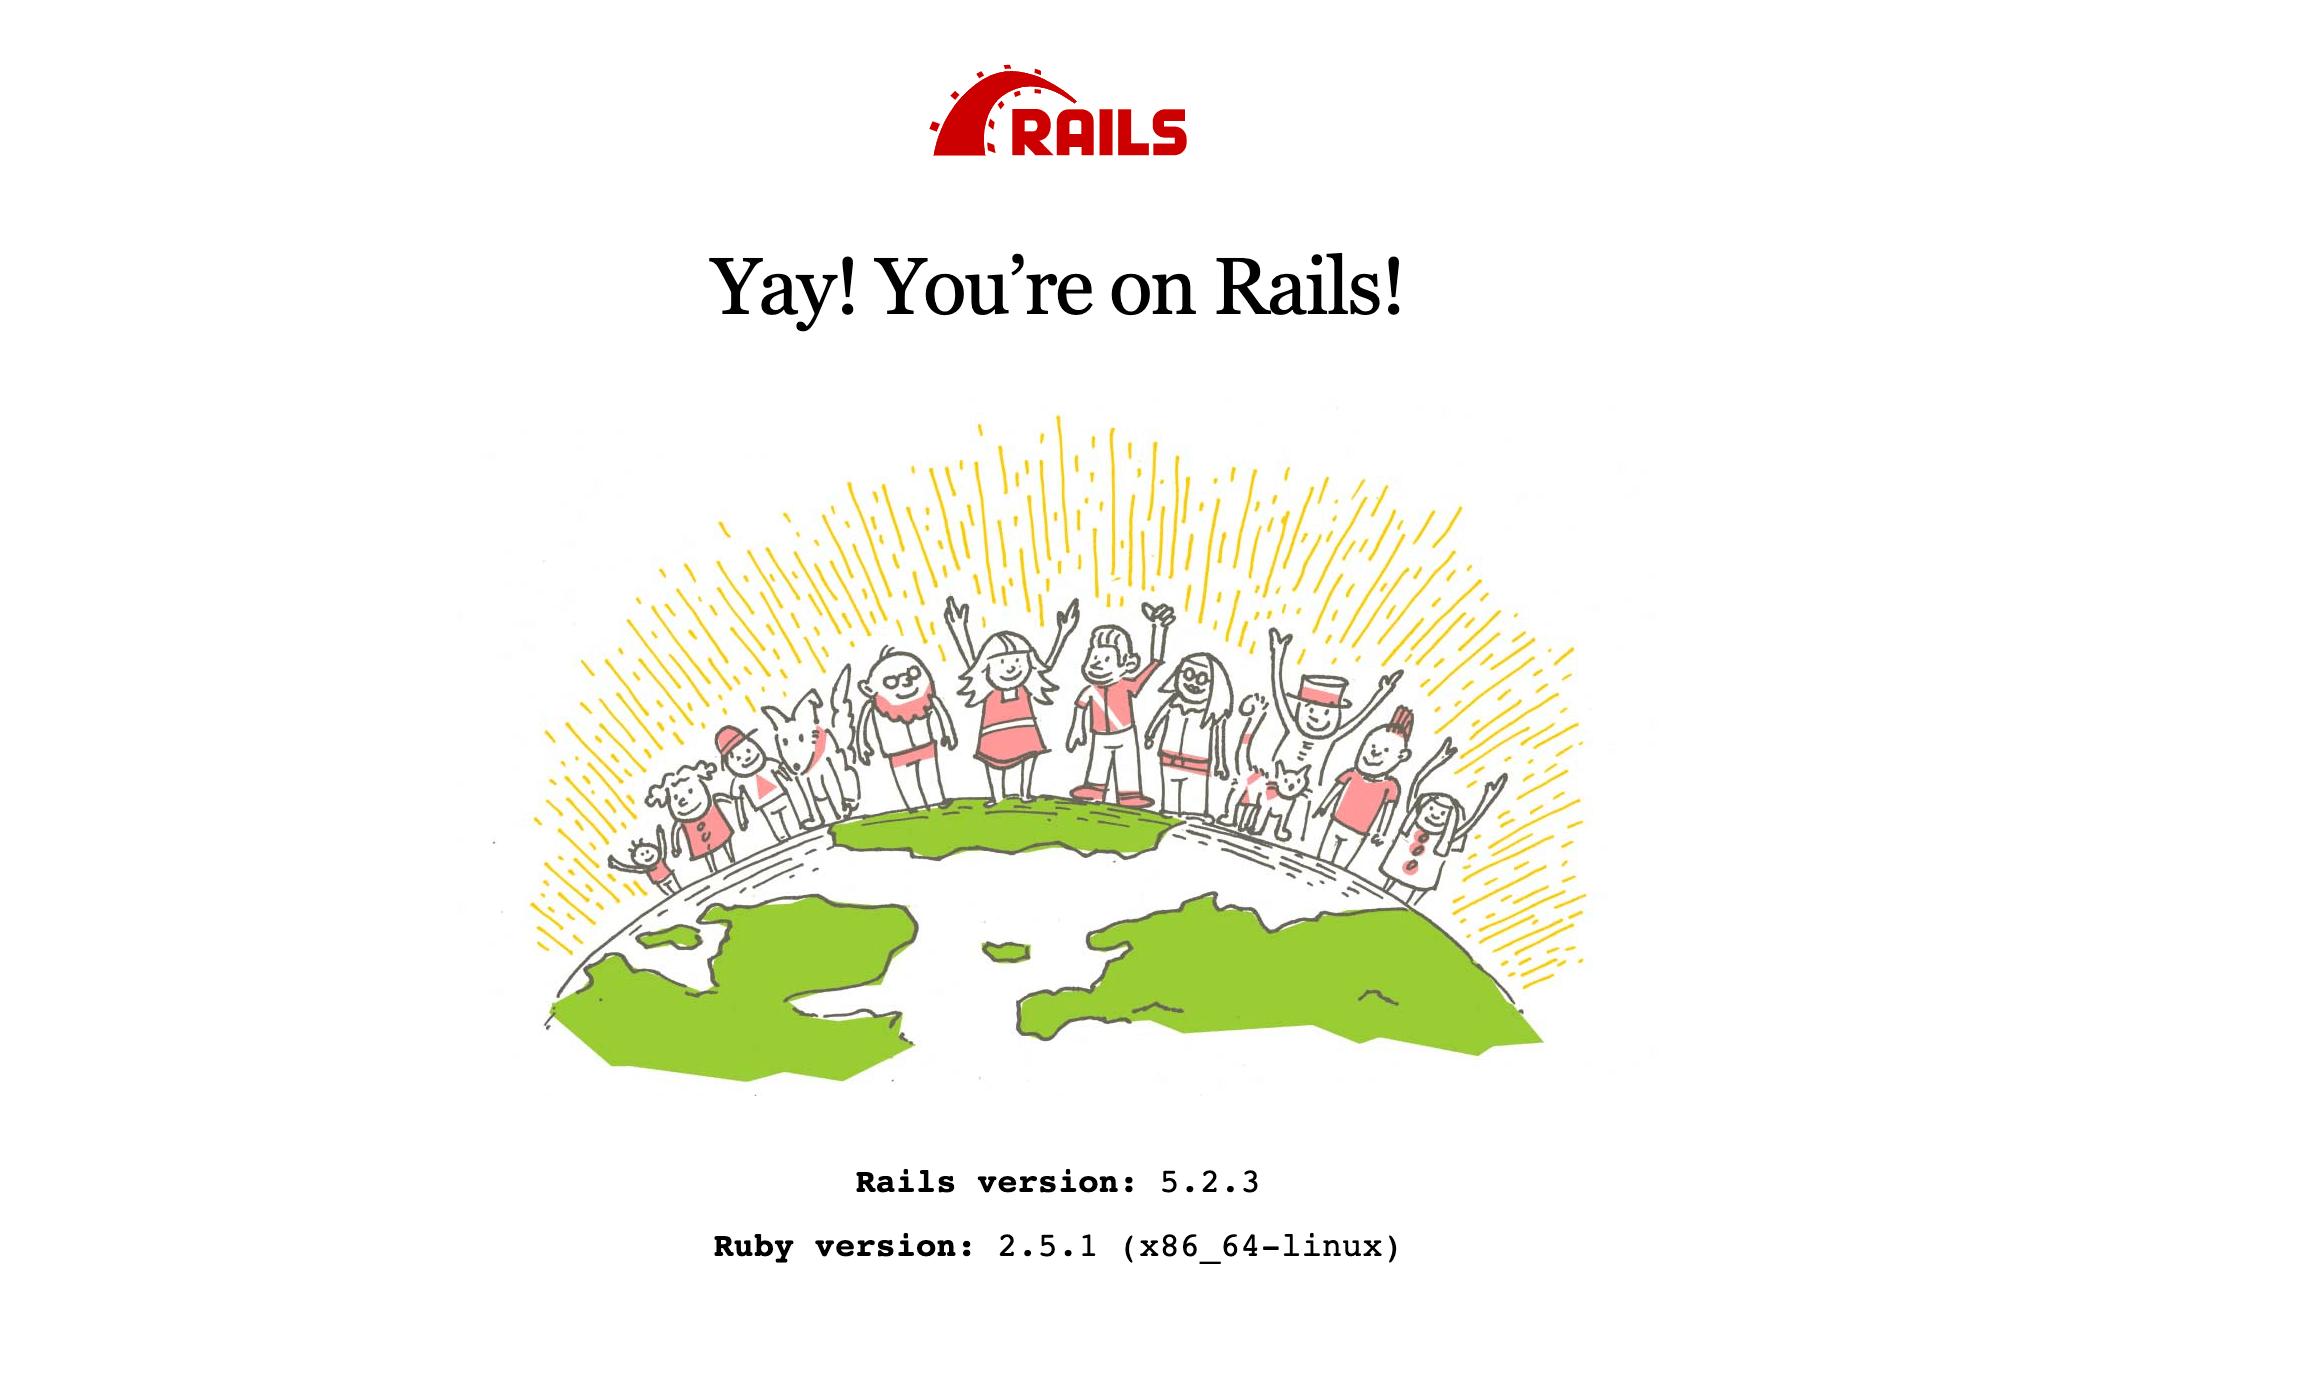 Rails Landing Page